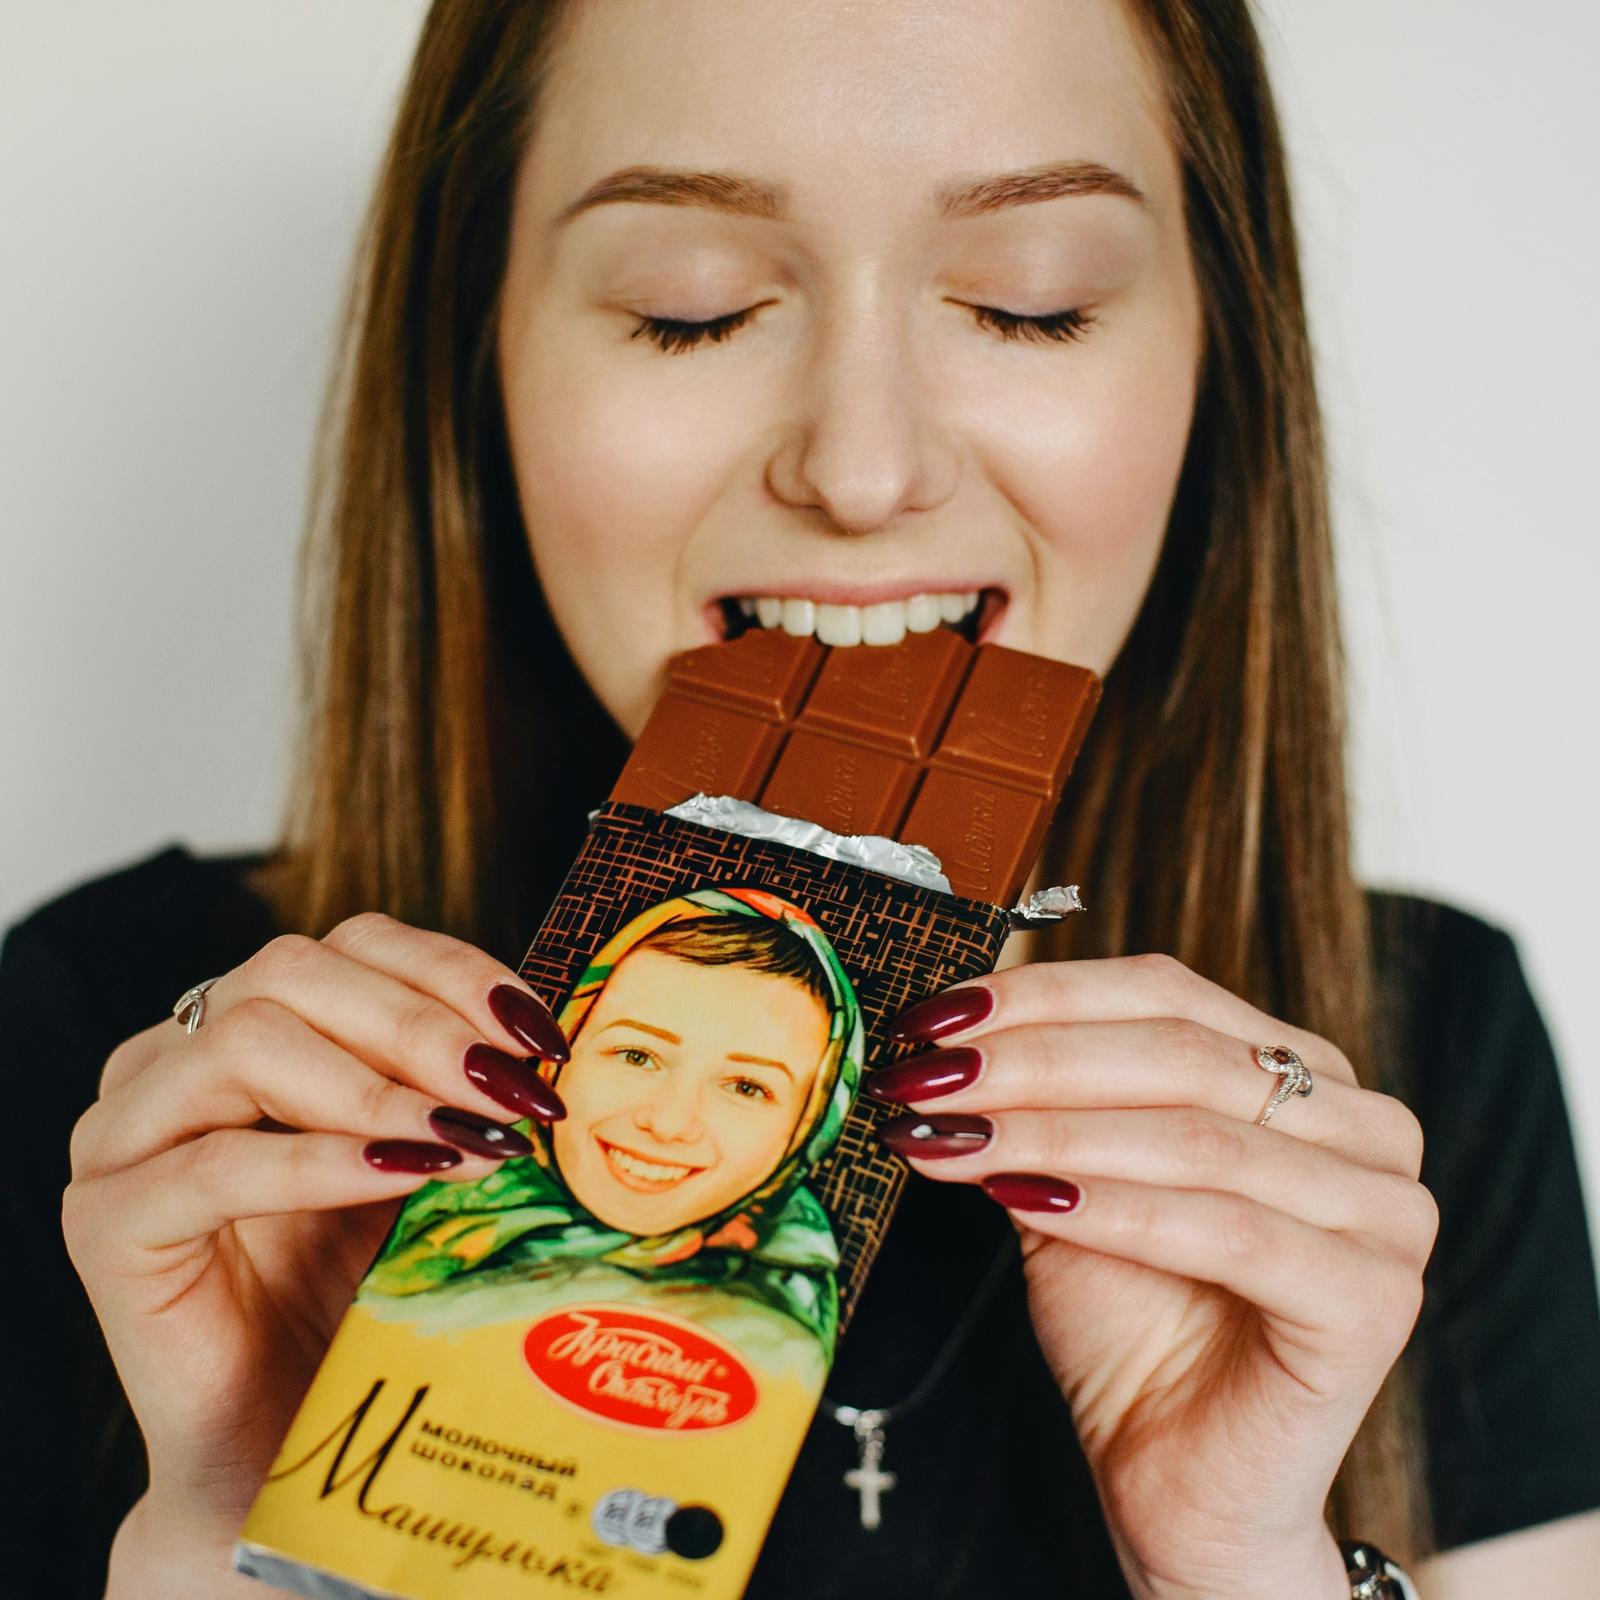 шоколадки аленка с фото коллег фильмы клеопатре